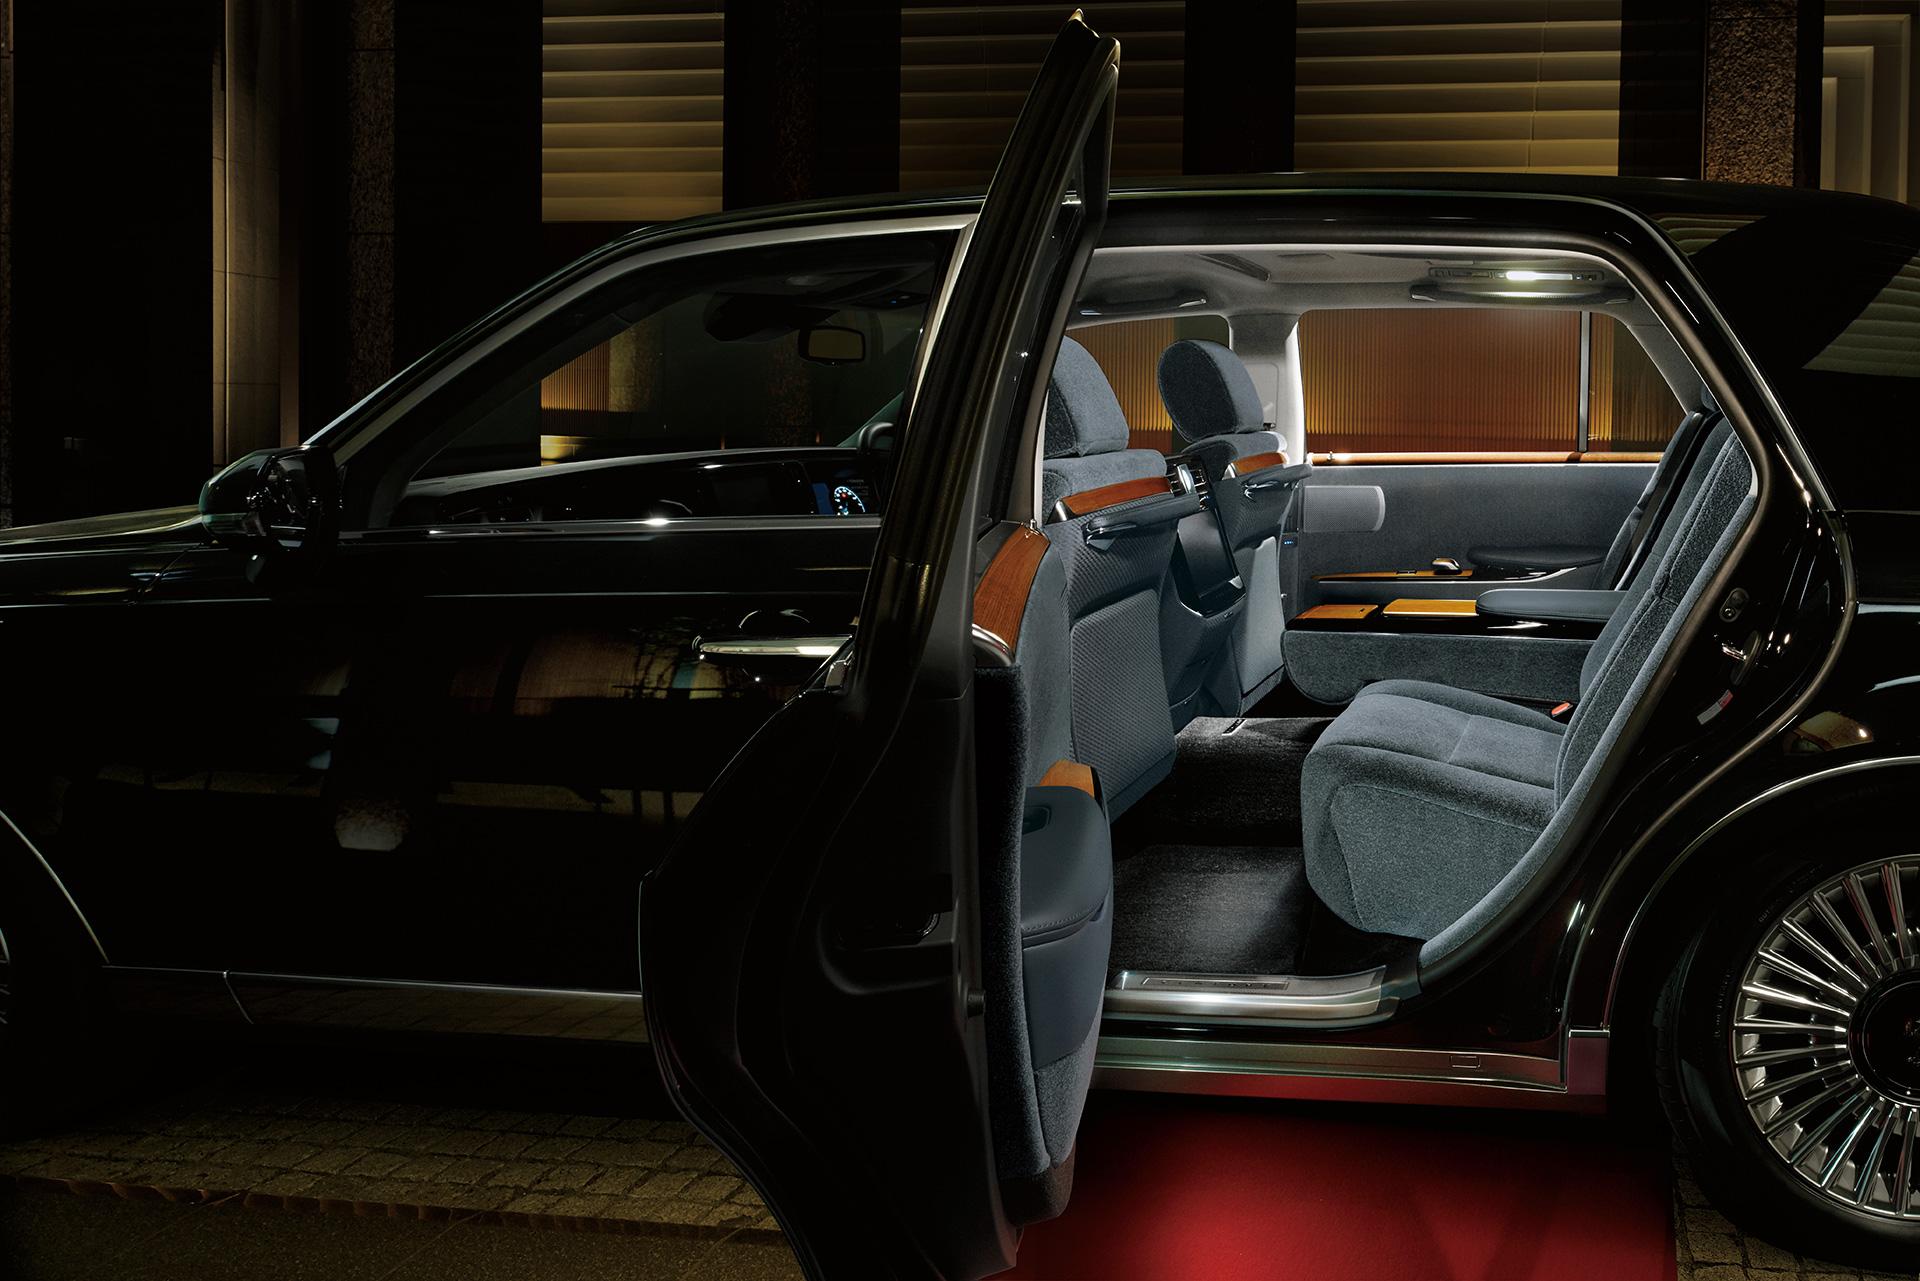 あなたは後席派?それとも運転席派?トヨタ センチュリーが20年以上の時を経てフルモデルチェンジを果たす